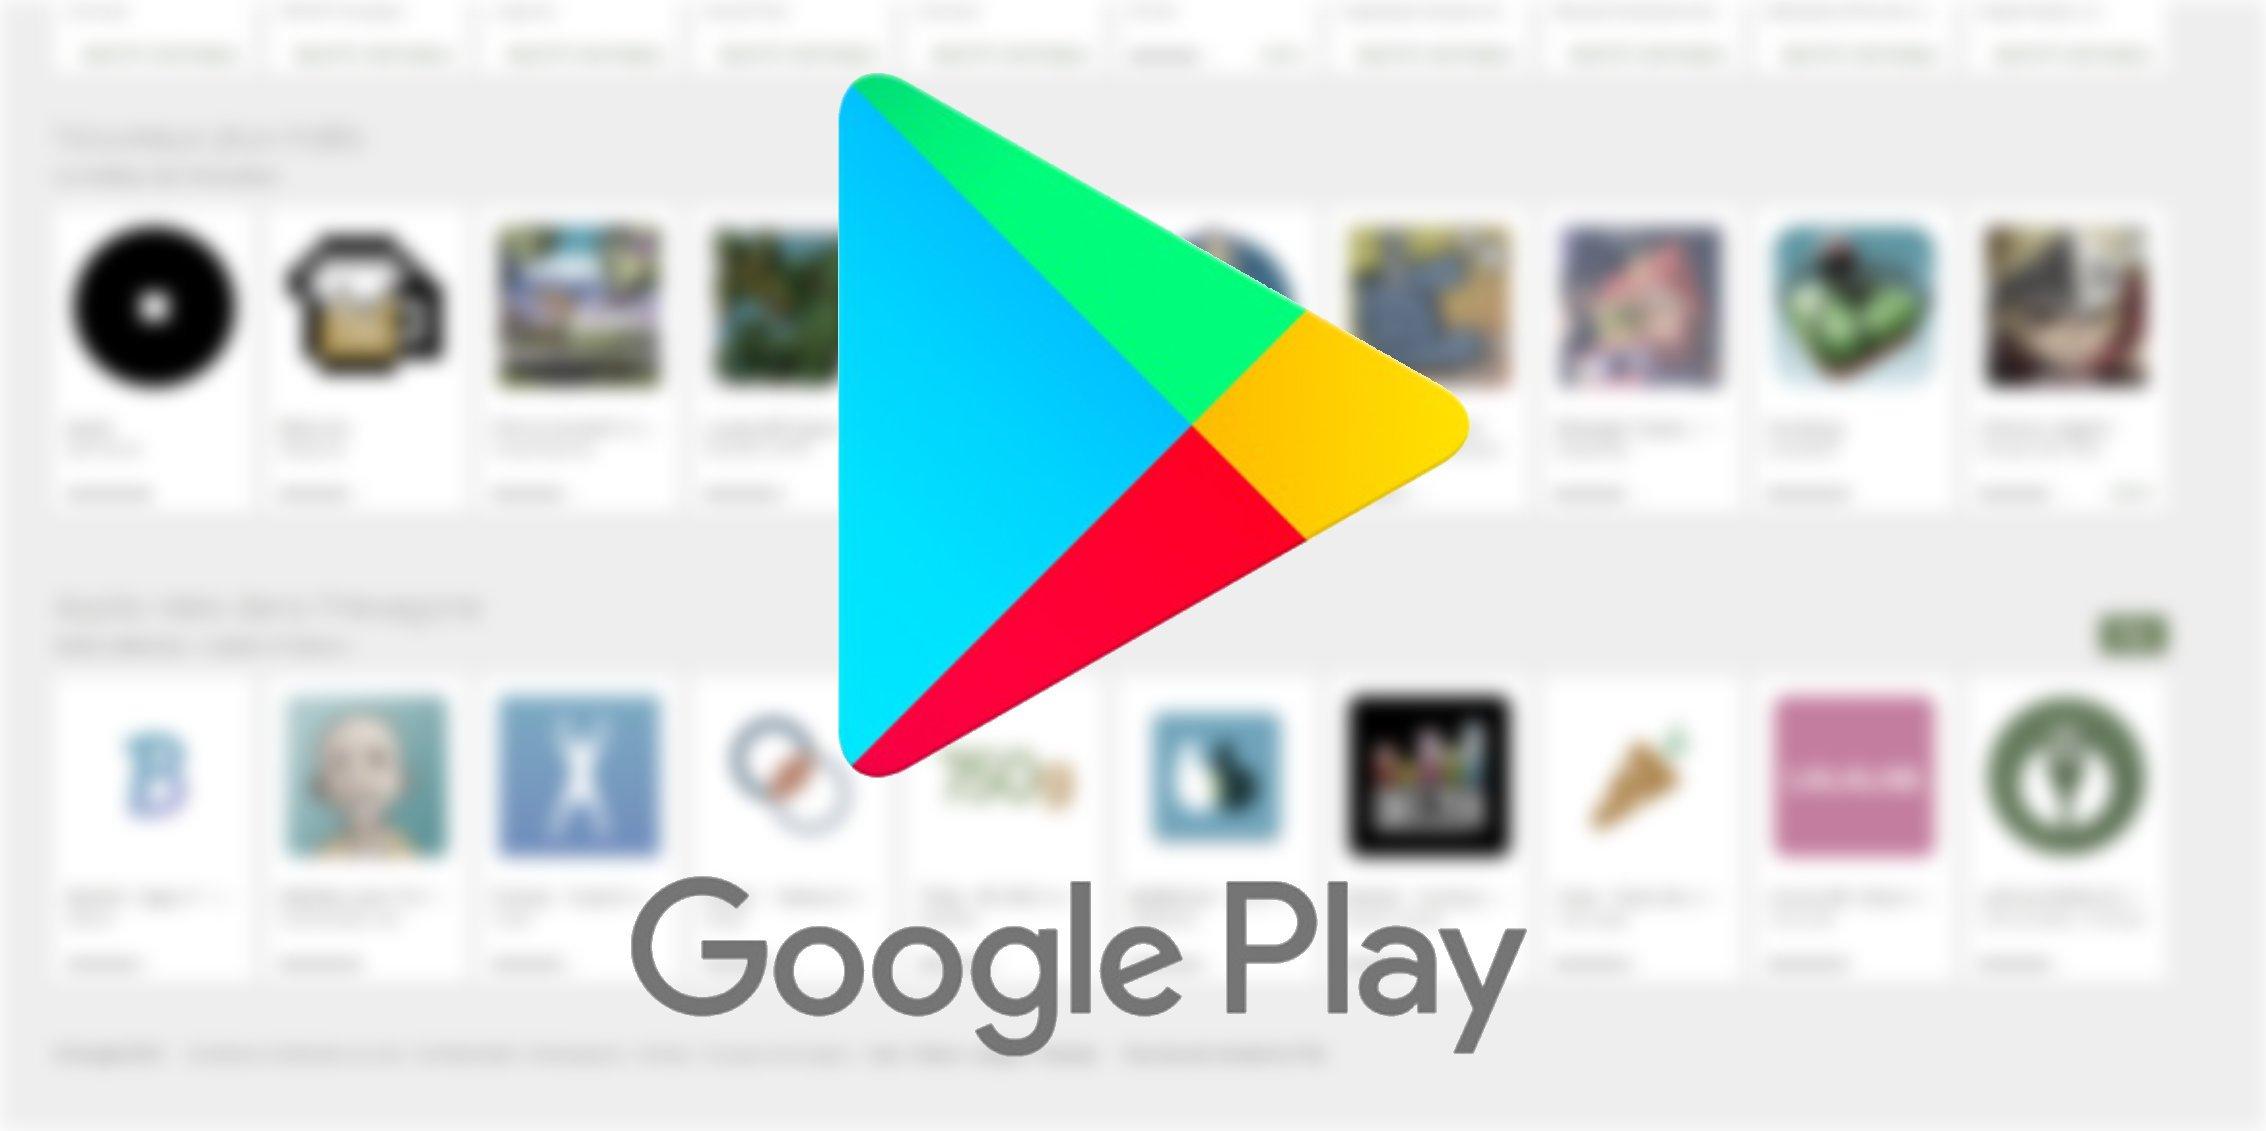 Google Play Store : Comment Télécharger Et Installer L'apk encequiconcerne Jeu De Lettres Gratuit A Telecharger